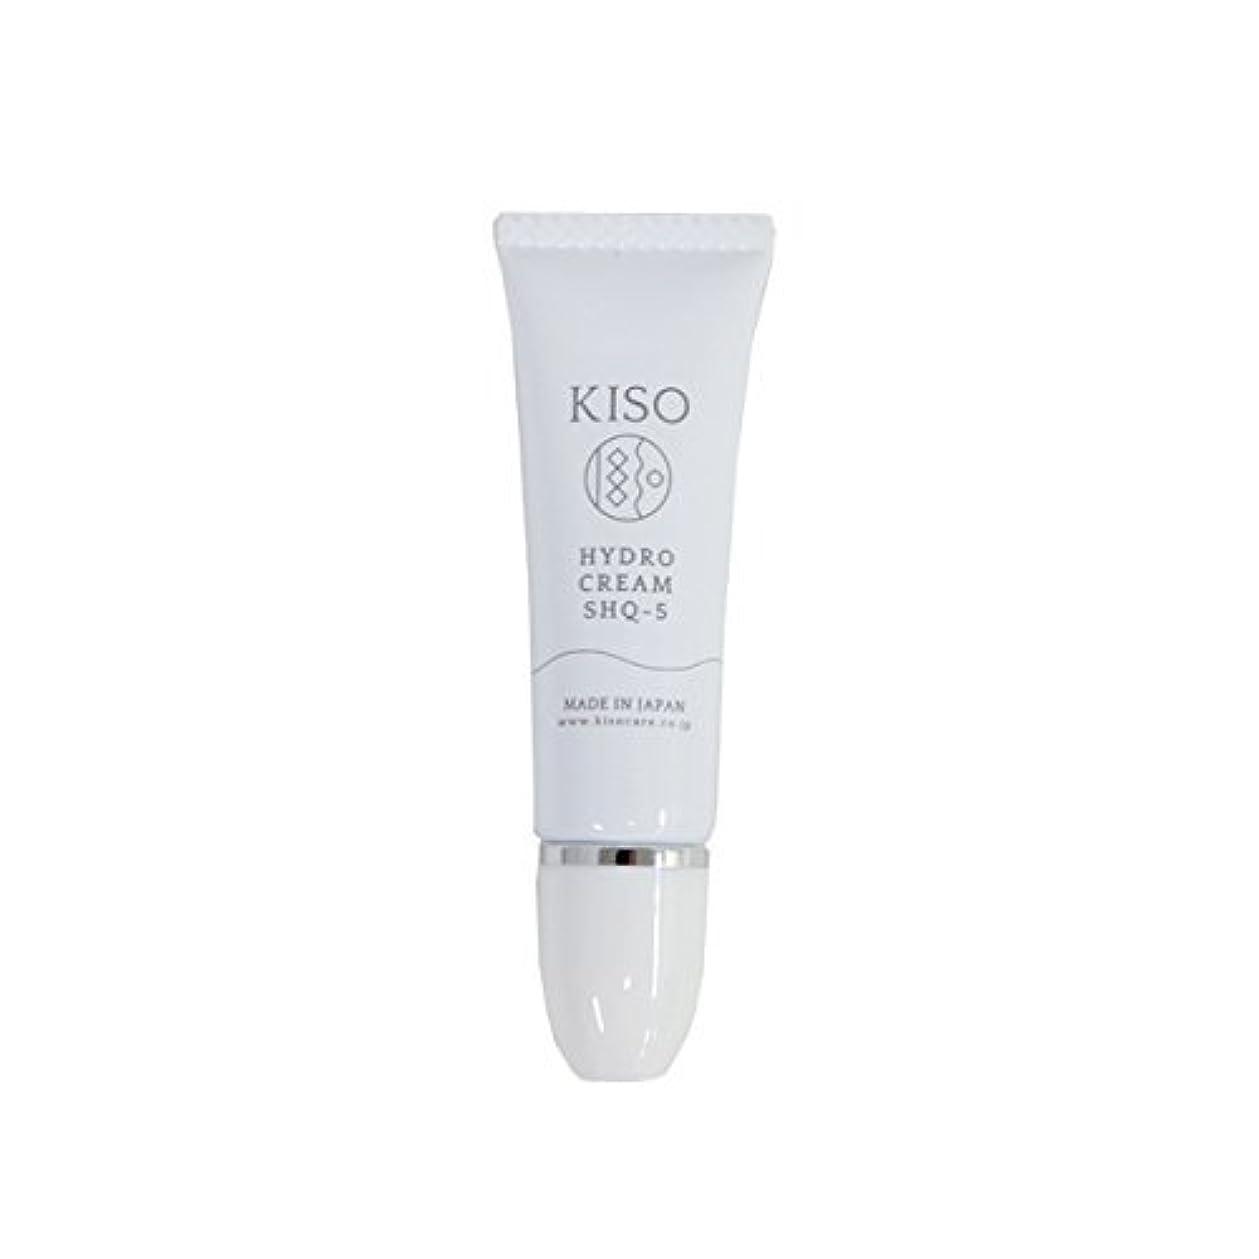 スポット宣教師作物KISO 安定型 ハイドロキノン 5%配合【ハイドロ クリーム SHQ-5 10g】スキンケアで肌を整えた後にちょこっとケア 日本製